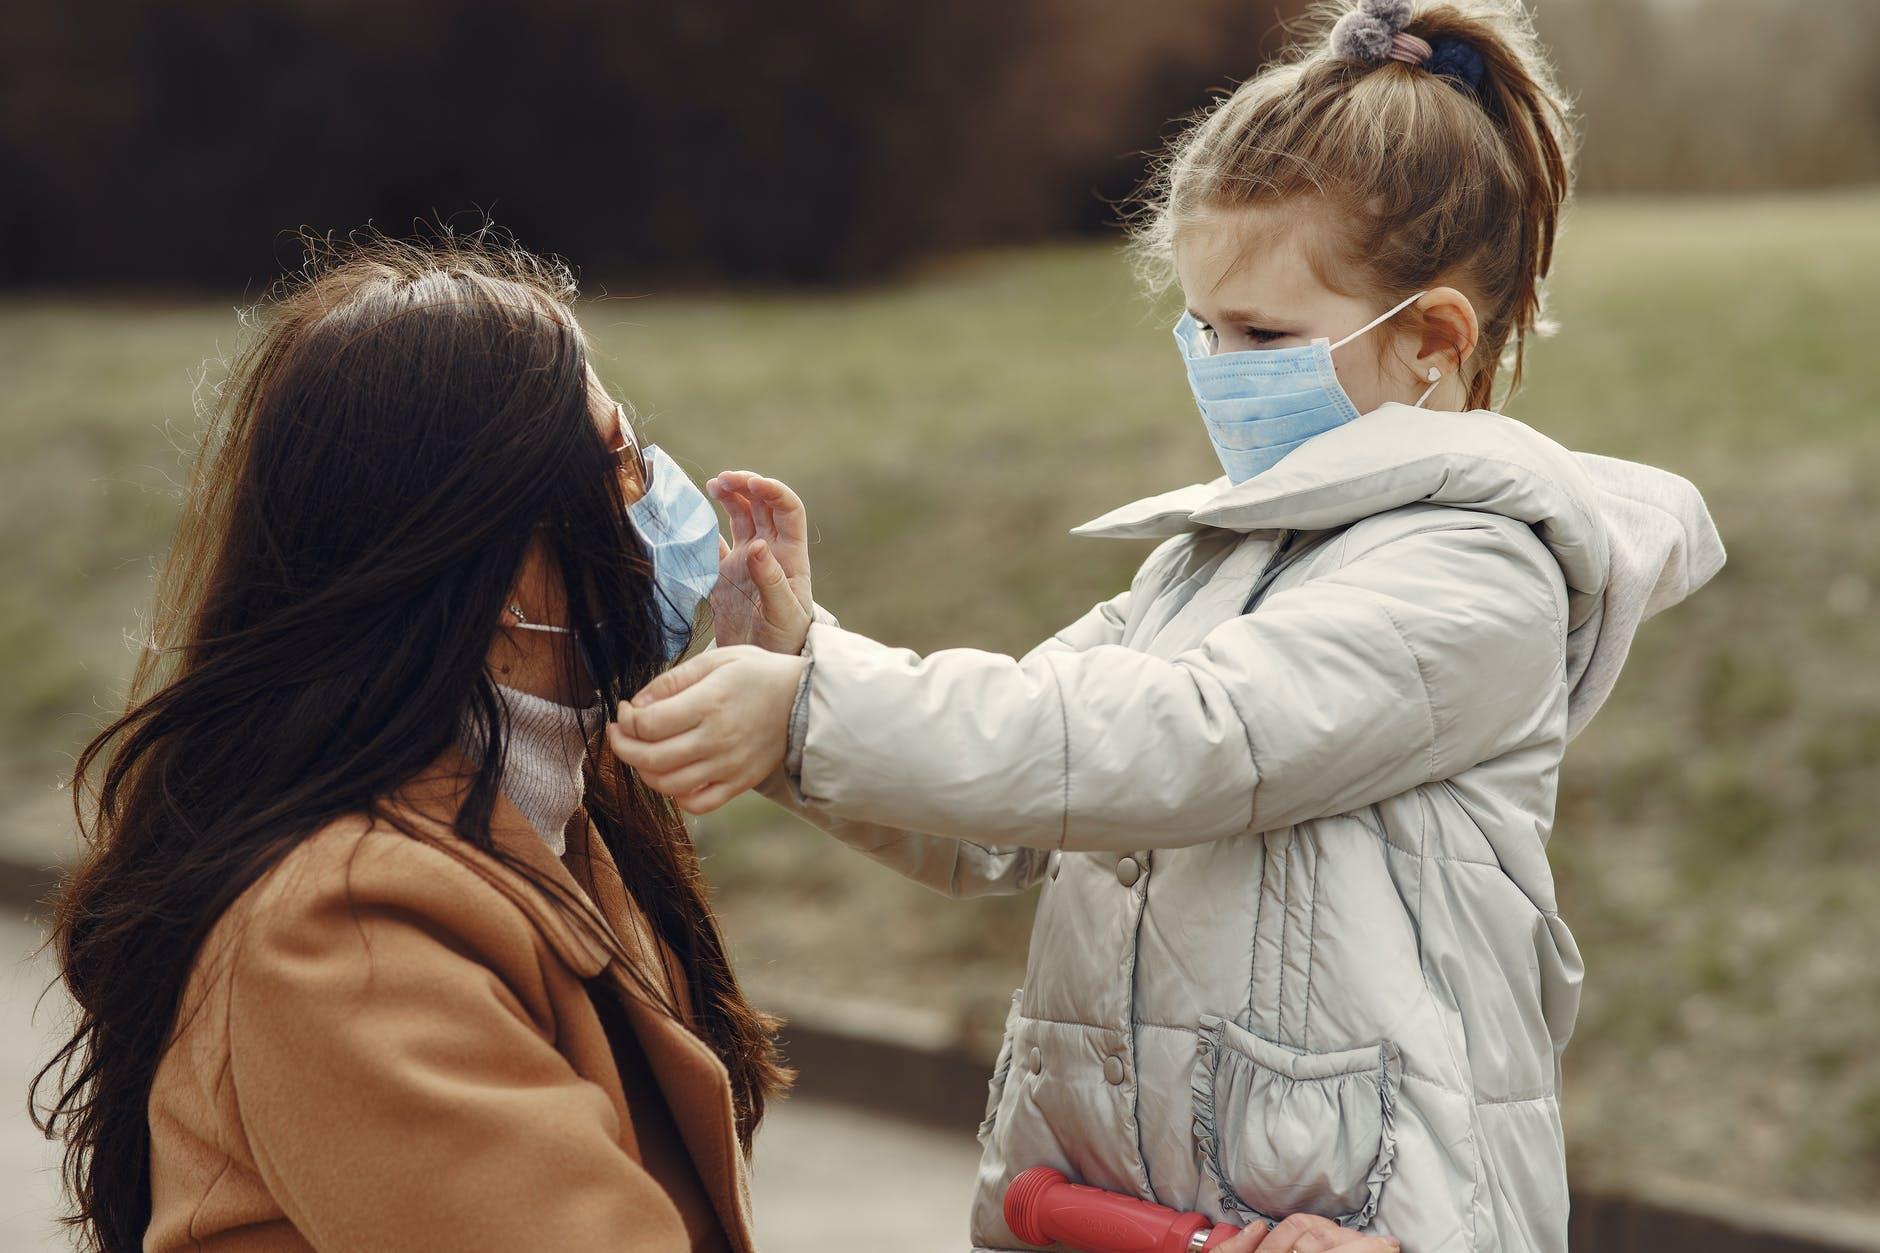 Como adaptar una mascarilla quirúrgica o higiénica para un niño 1